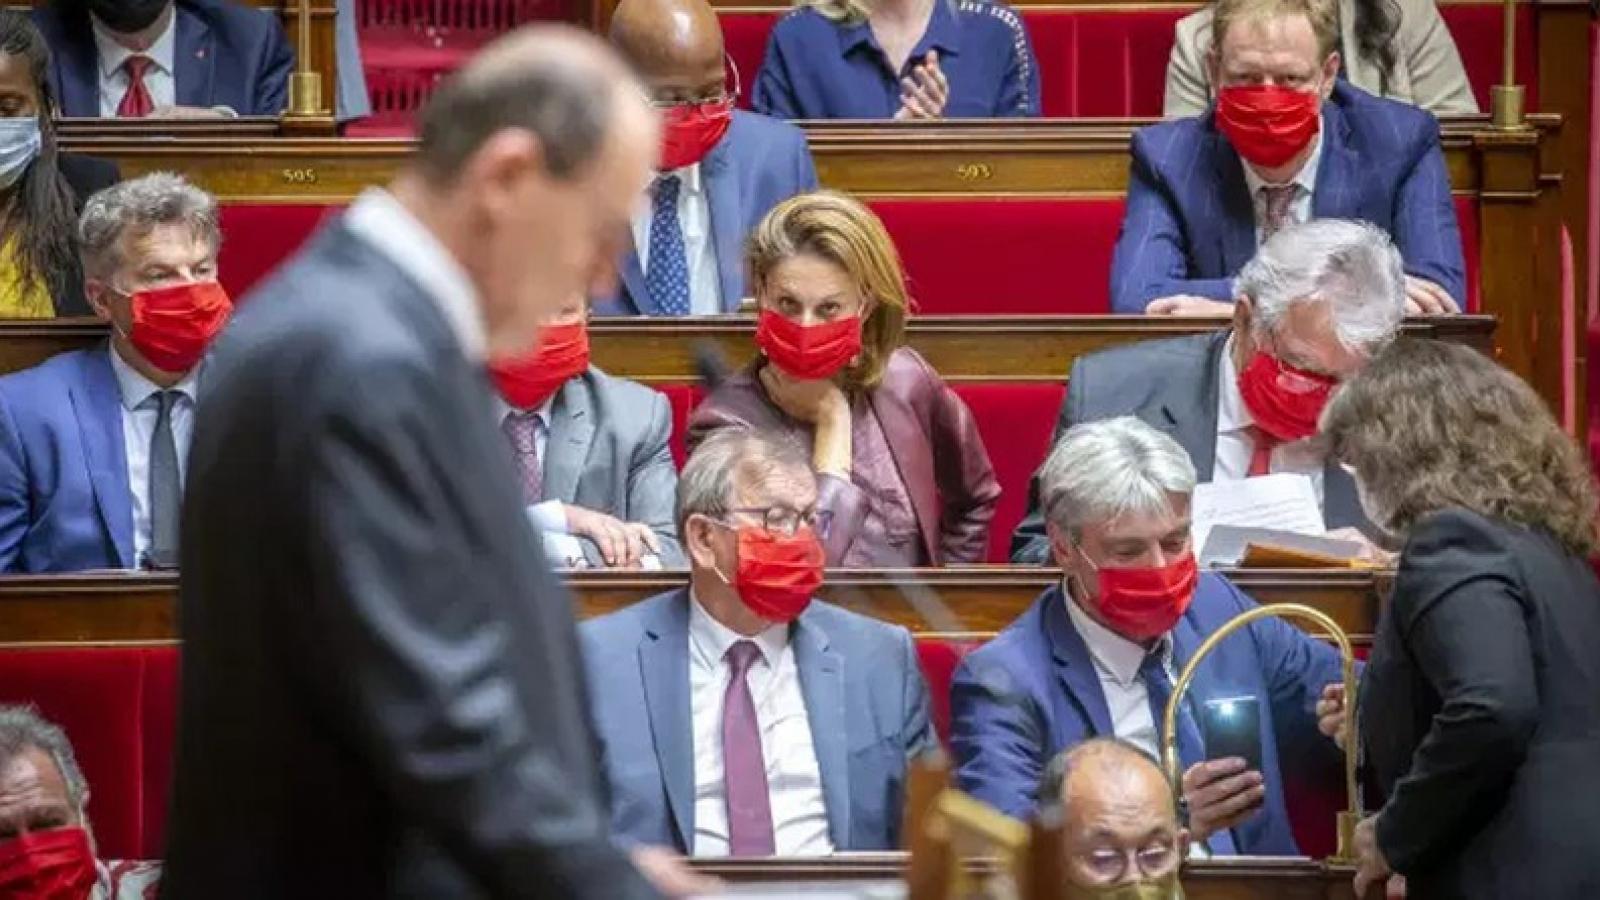 Quốc hội Pháp ủng hộ kế hoạch phục hồi kinh tế của tân Thủ tướng